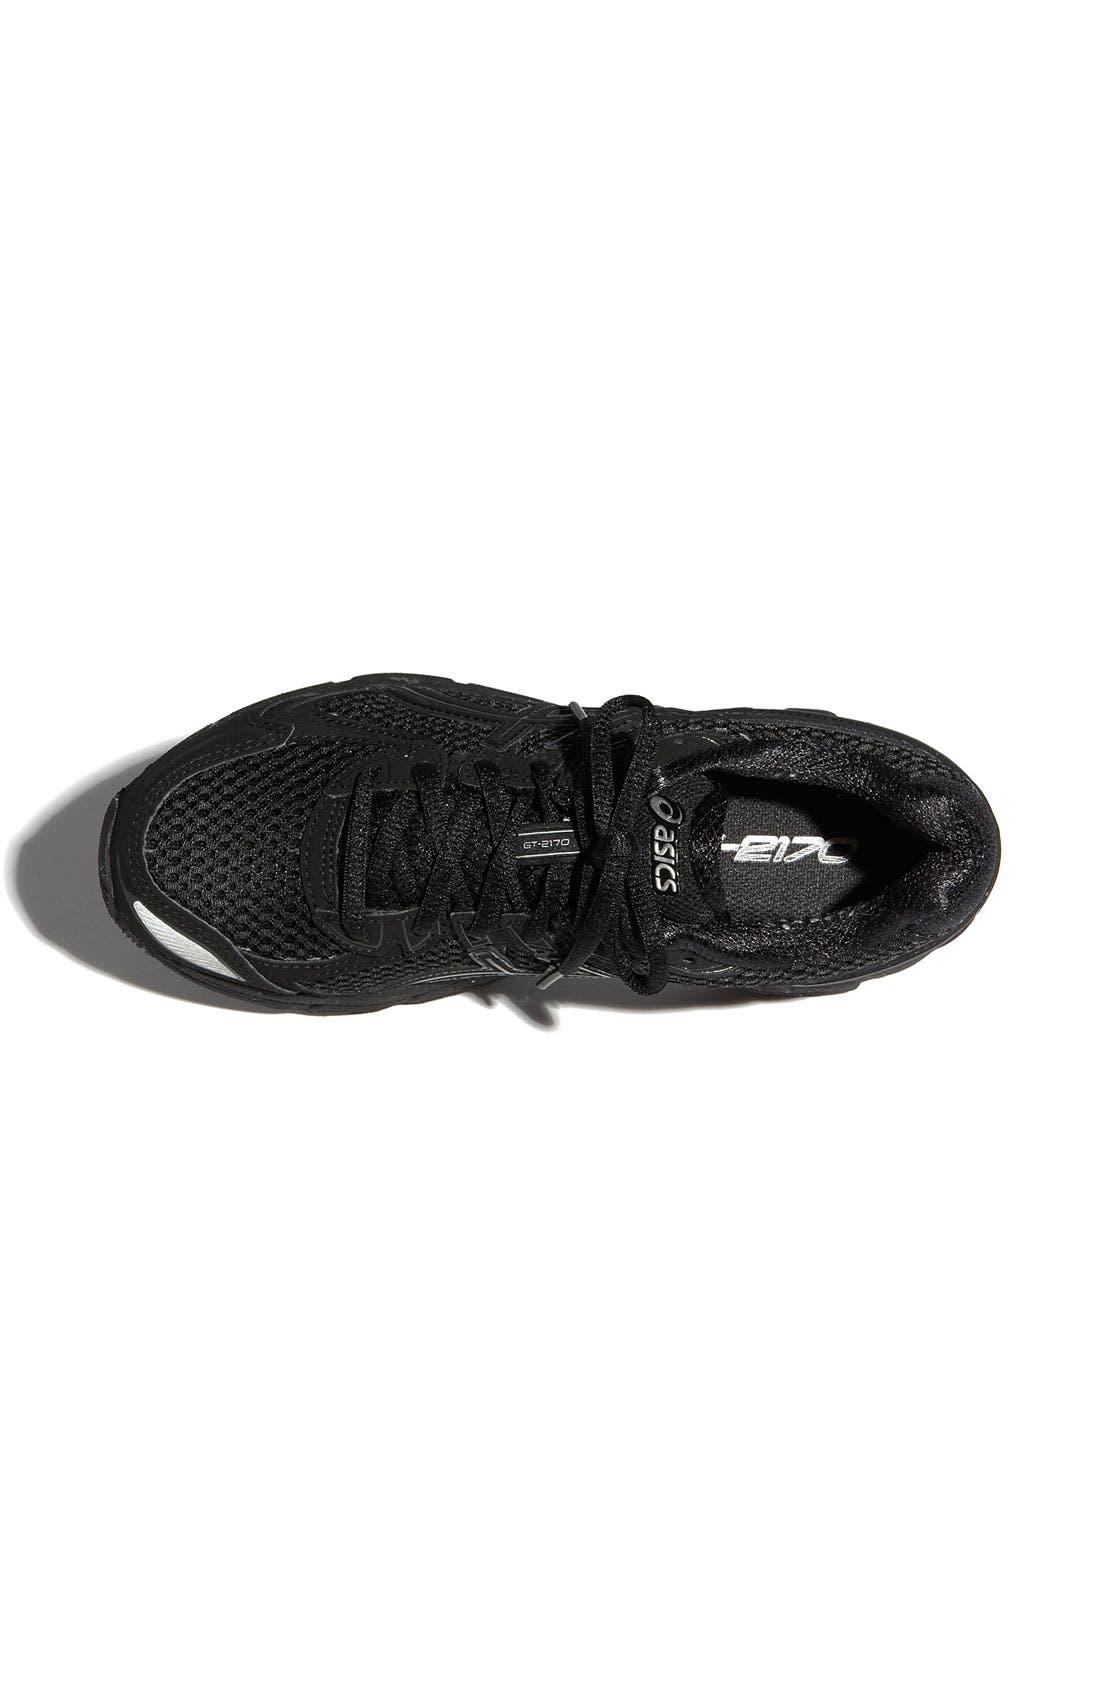 Alternate Image 3  - ASICS® 'GT 2170' Running Shoe (Women)